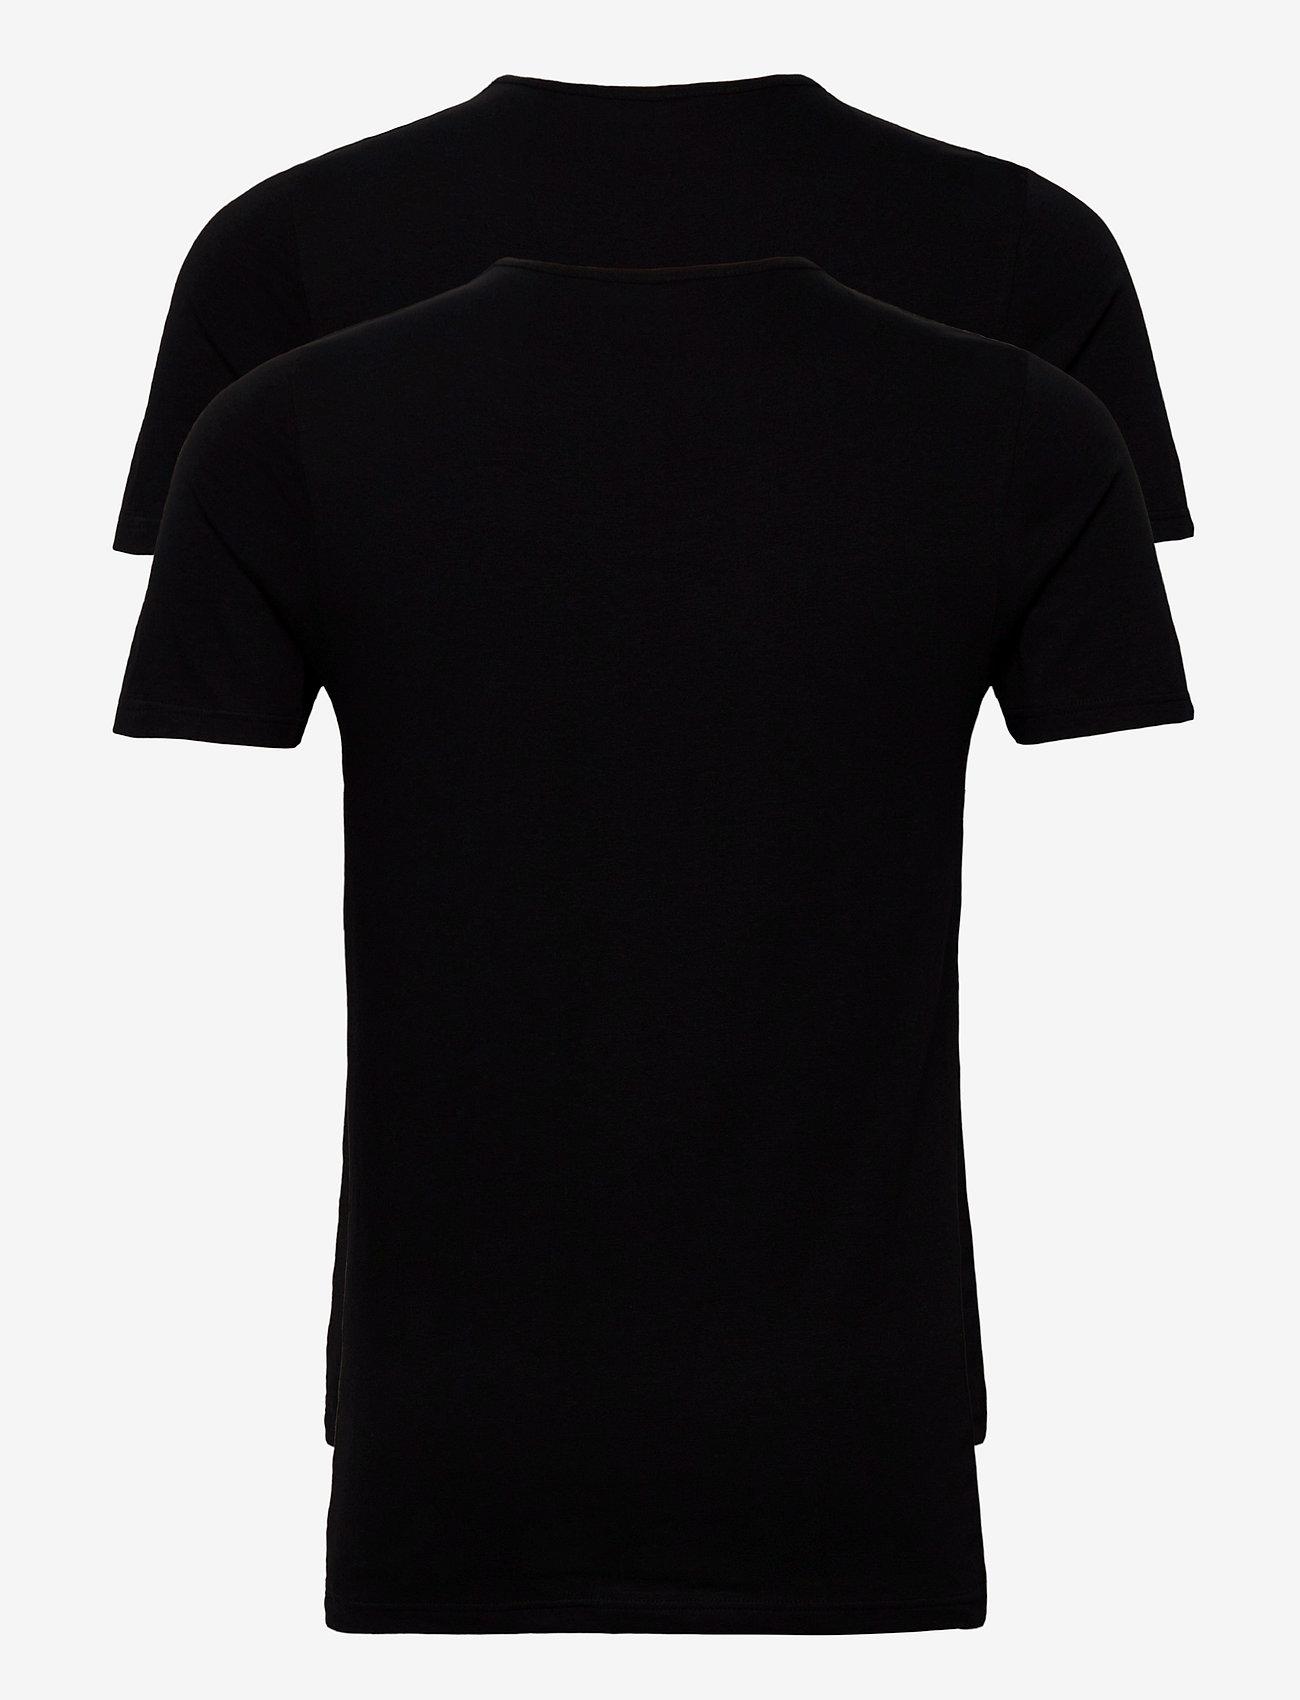 JBS JBS 2-pack t-shirt O-neck GOTS - T-skjorter BLACK - Menn Klær